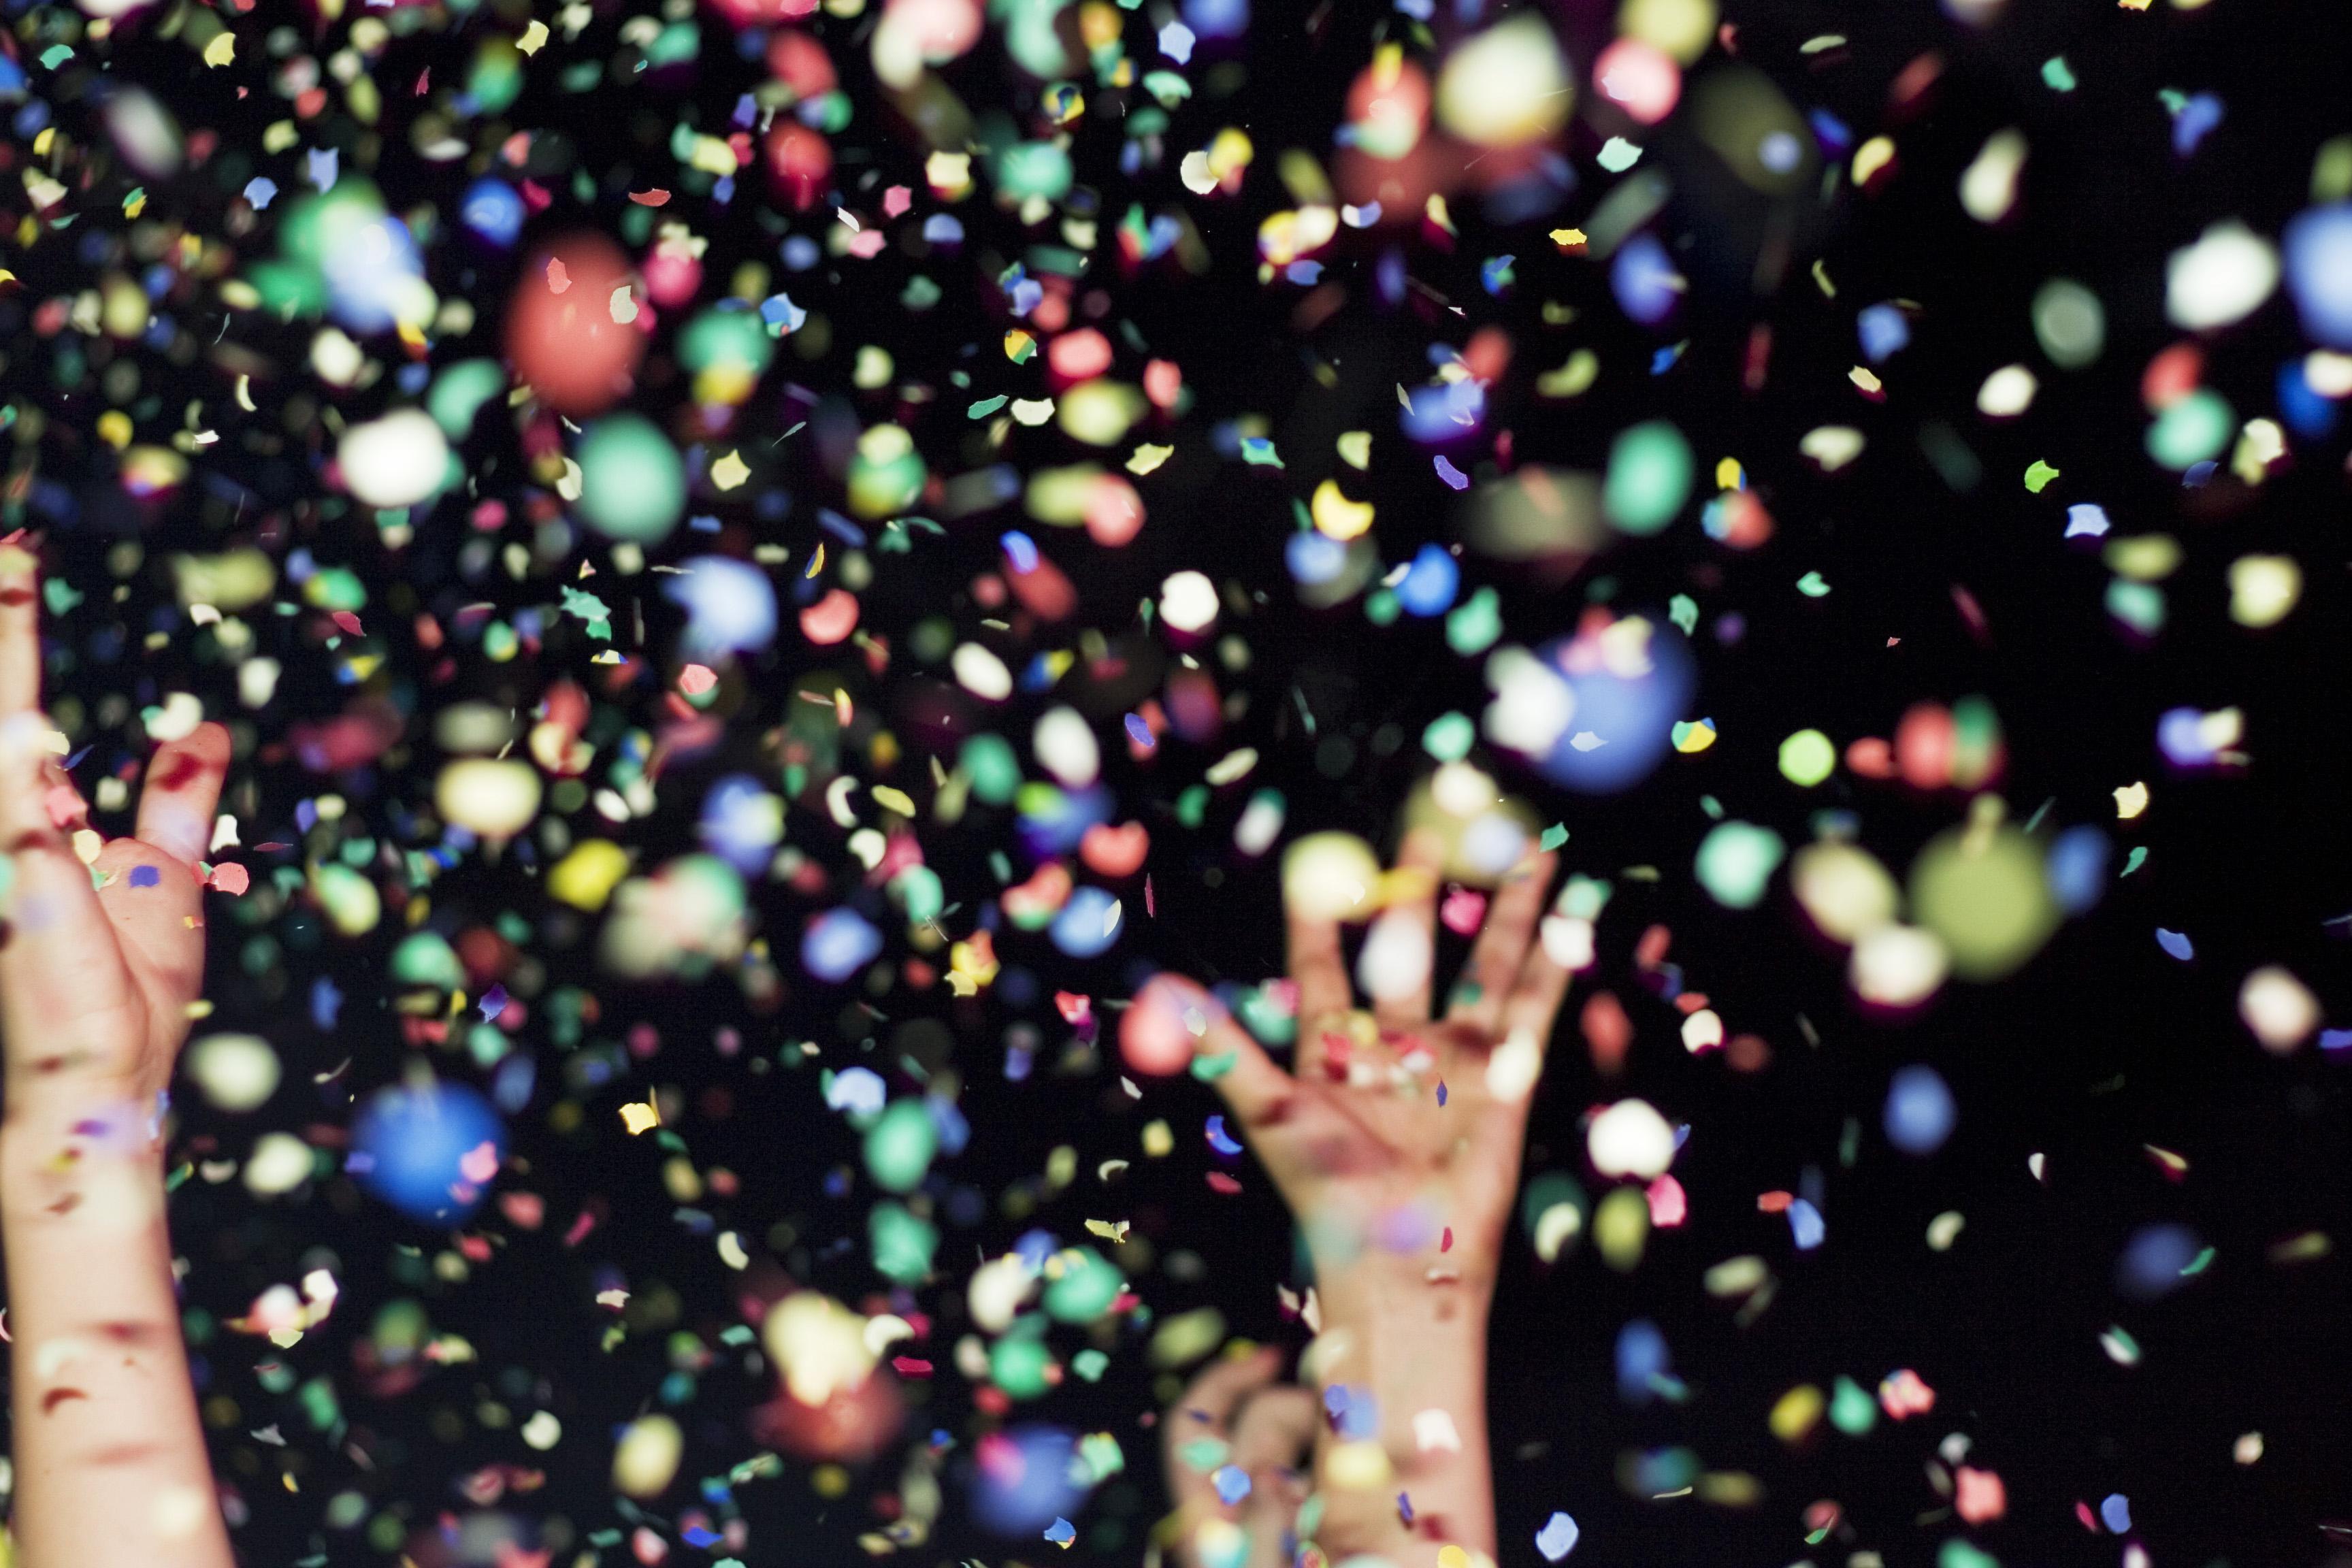 Confetti in the air